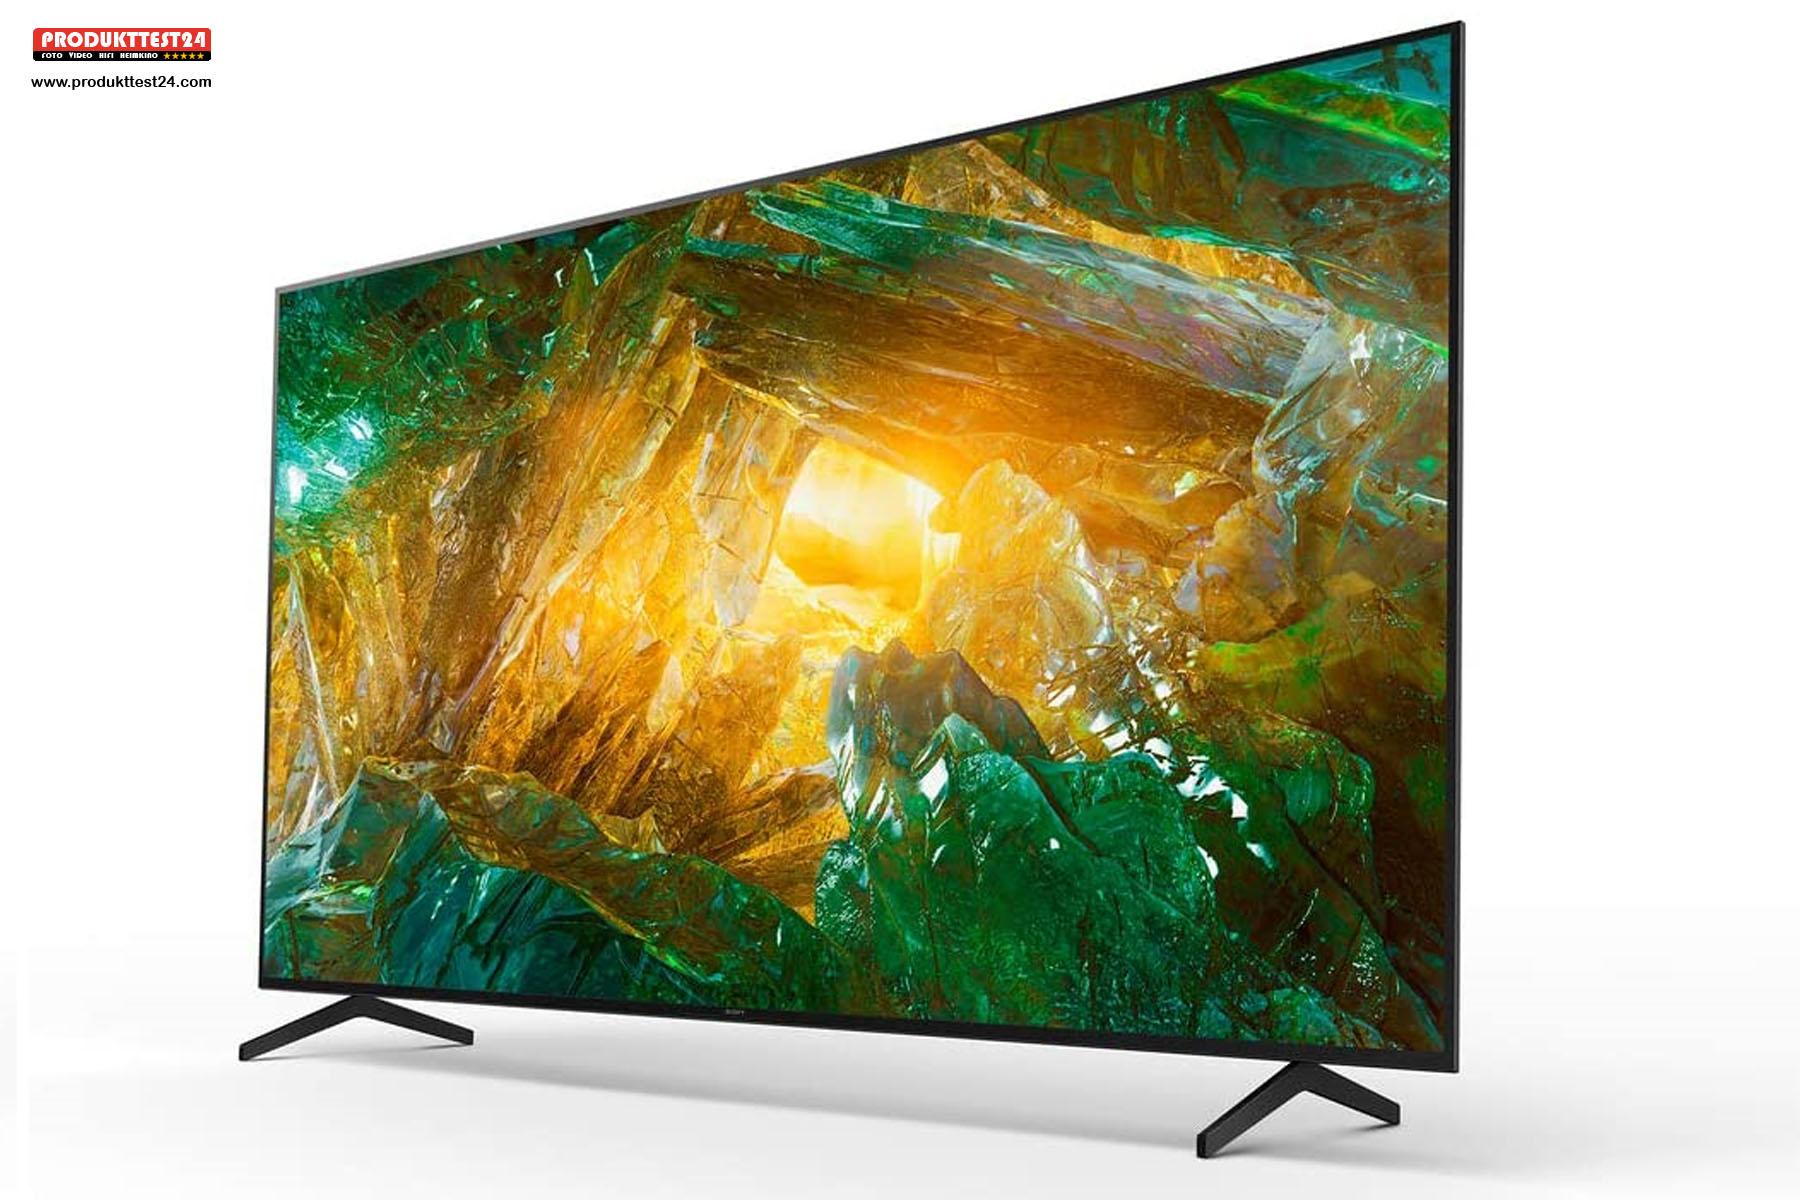 Der 55 Zoll große 4K UHD TV aus dem Hause Sony